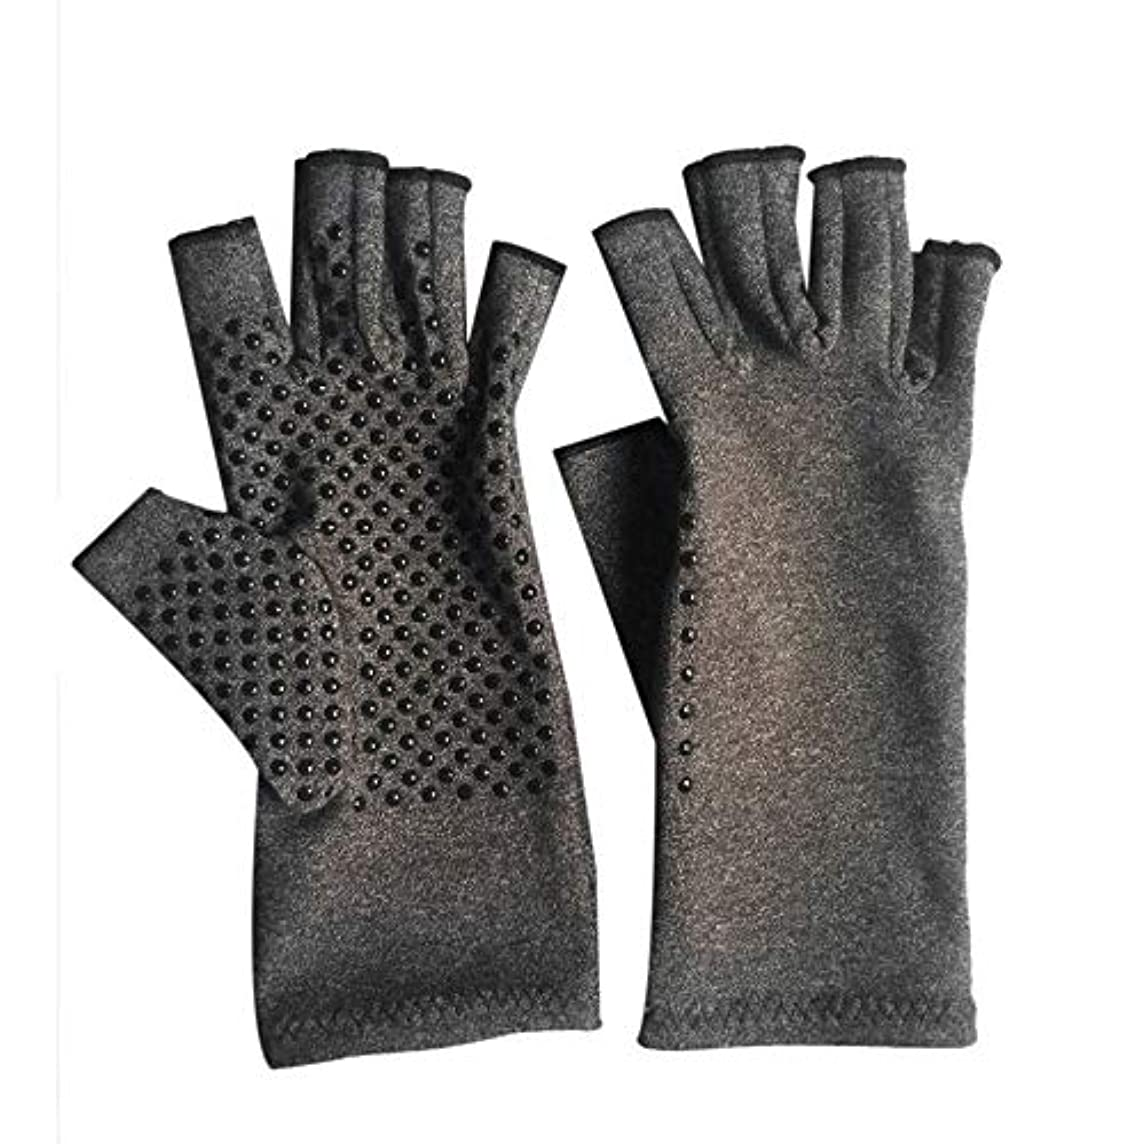 除去立方体飛行機1ペアユニセックス男性女性療法圧縮手袋関節炎関節痛緩和ヘルスケア半指手袋トレーニング手袋 - グレーM